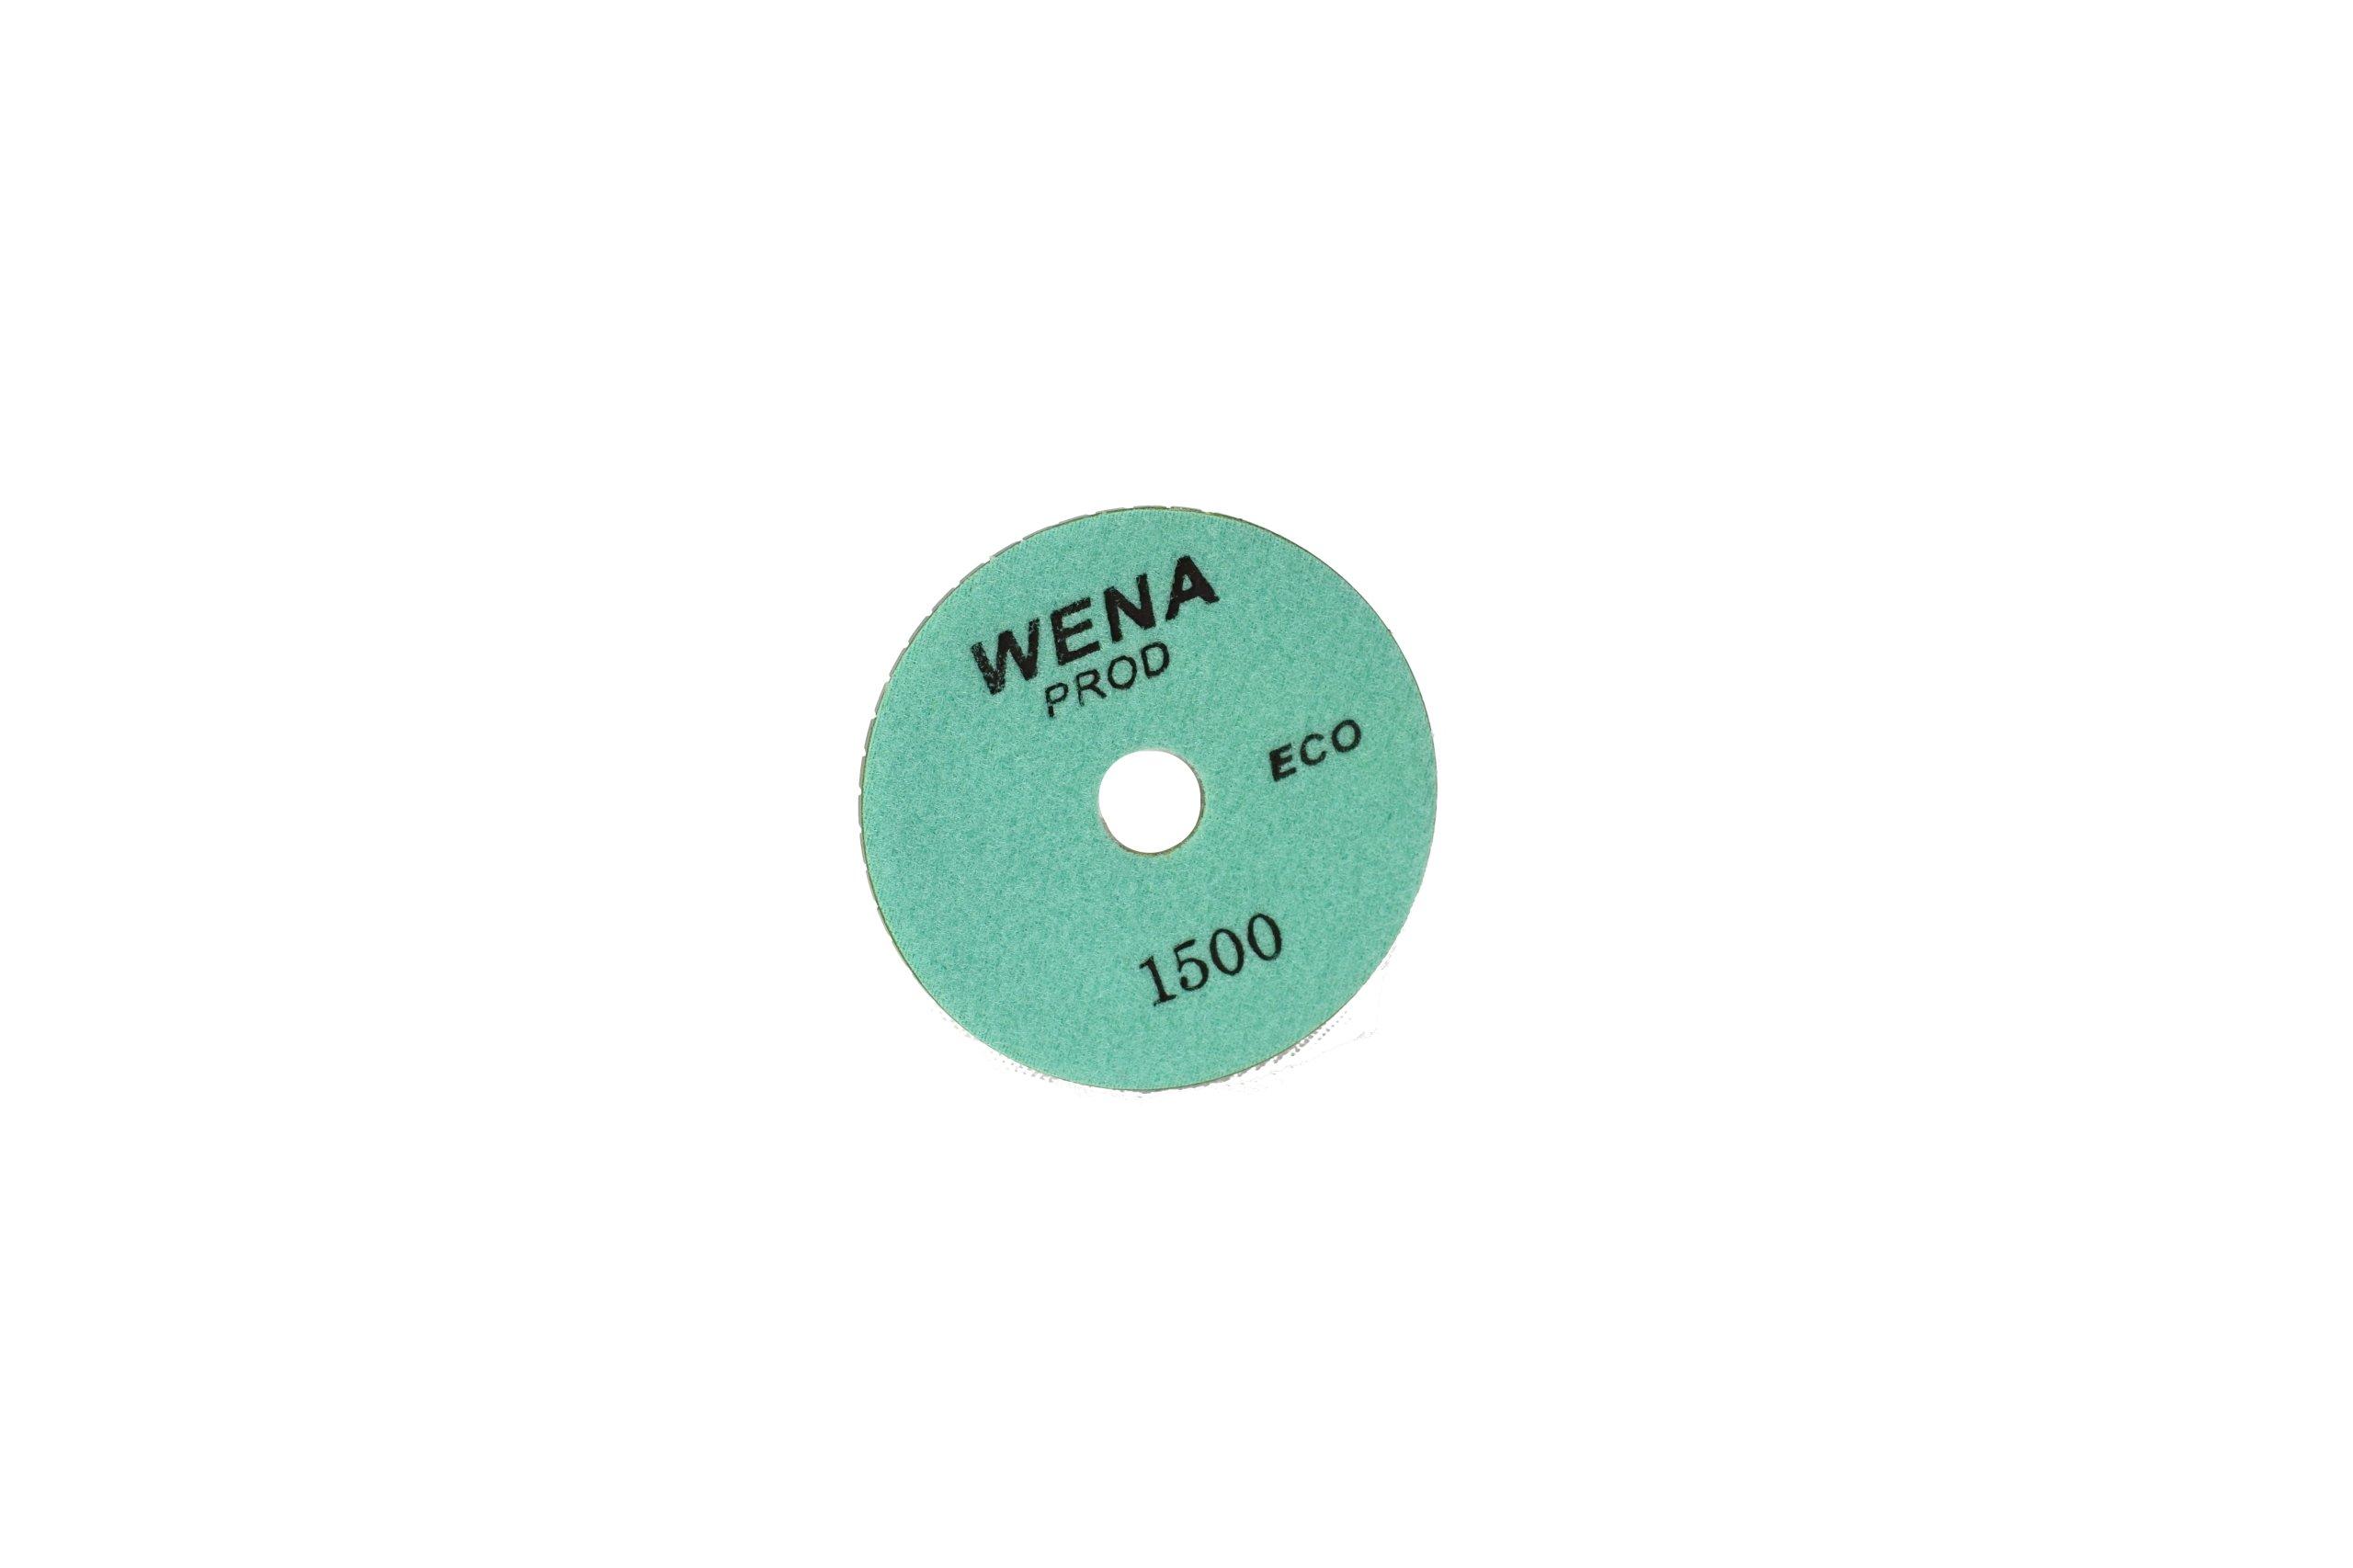 Diamond Velcro pre WENA ECO FI100 GR.1500